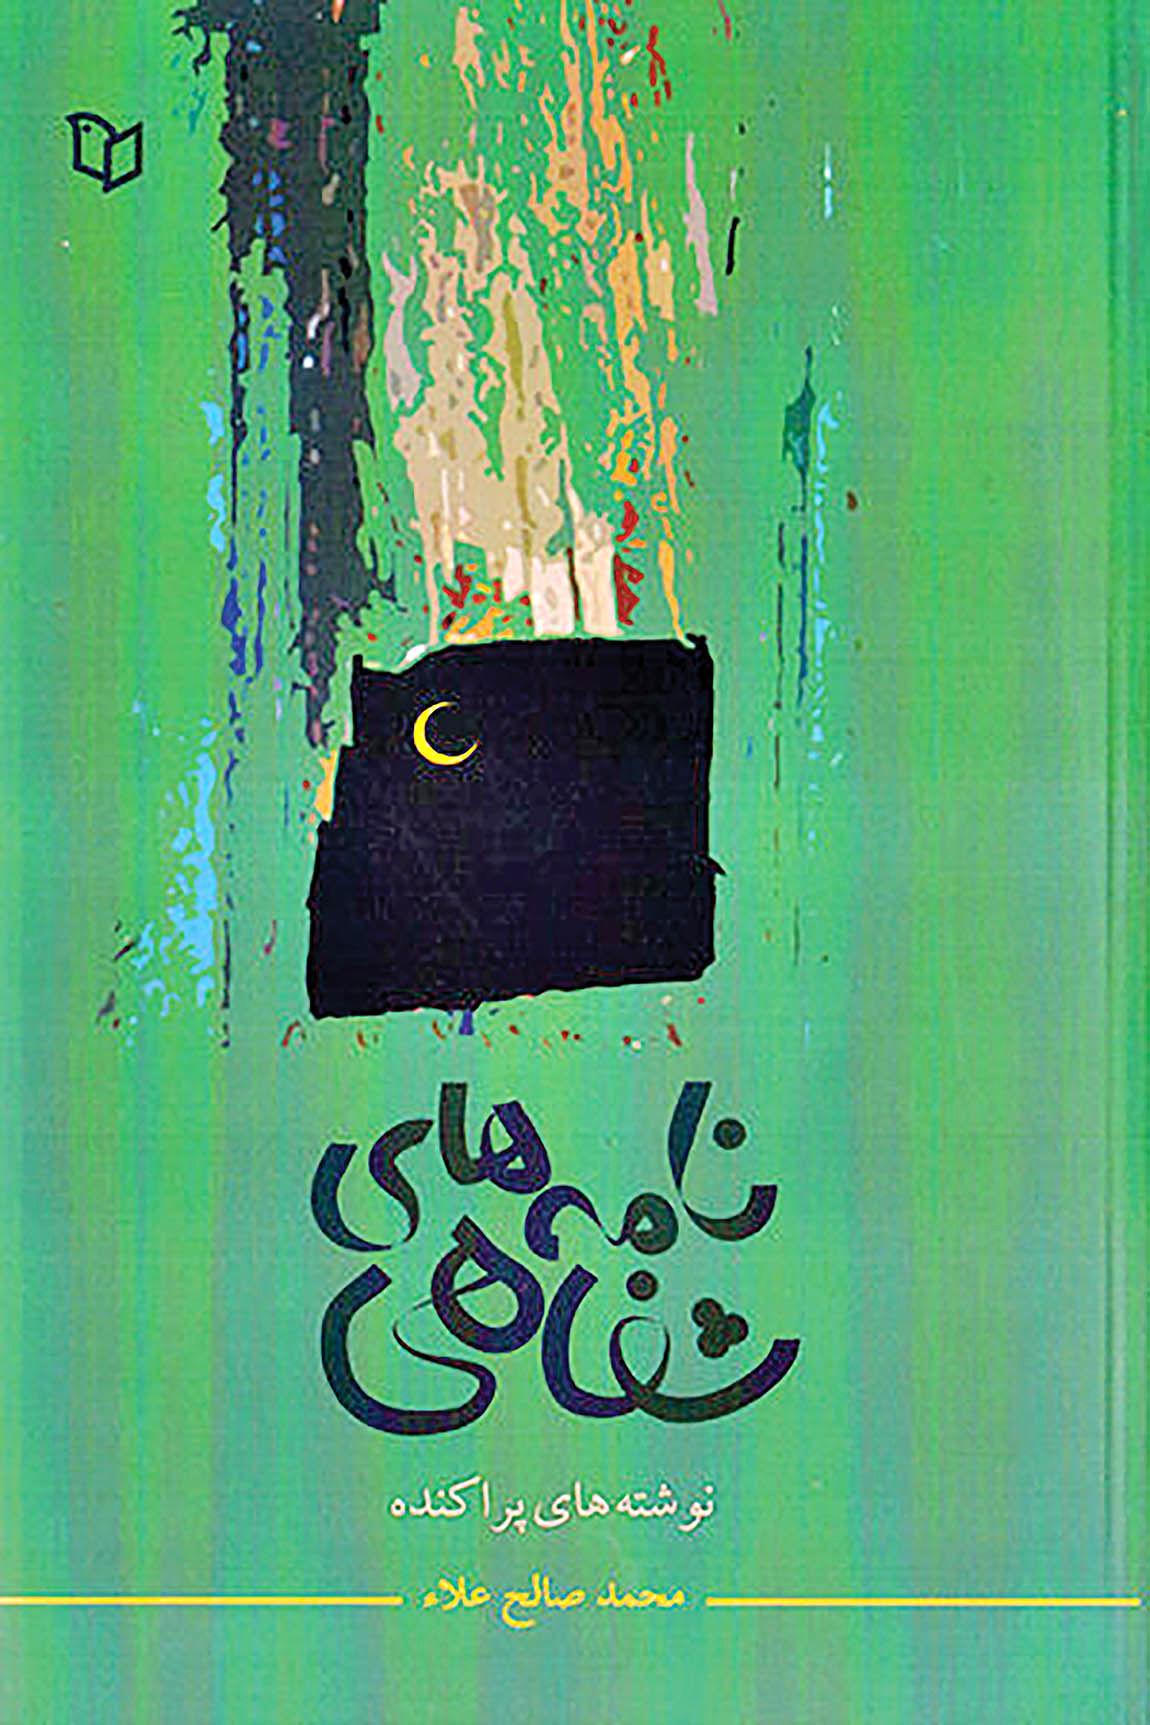 «نامههای شفاهی» محمد صالحعلا در بازار کتاب